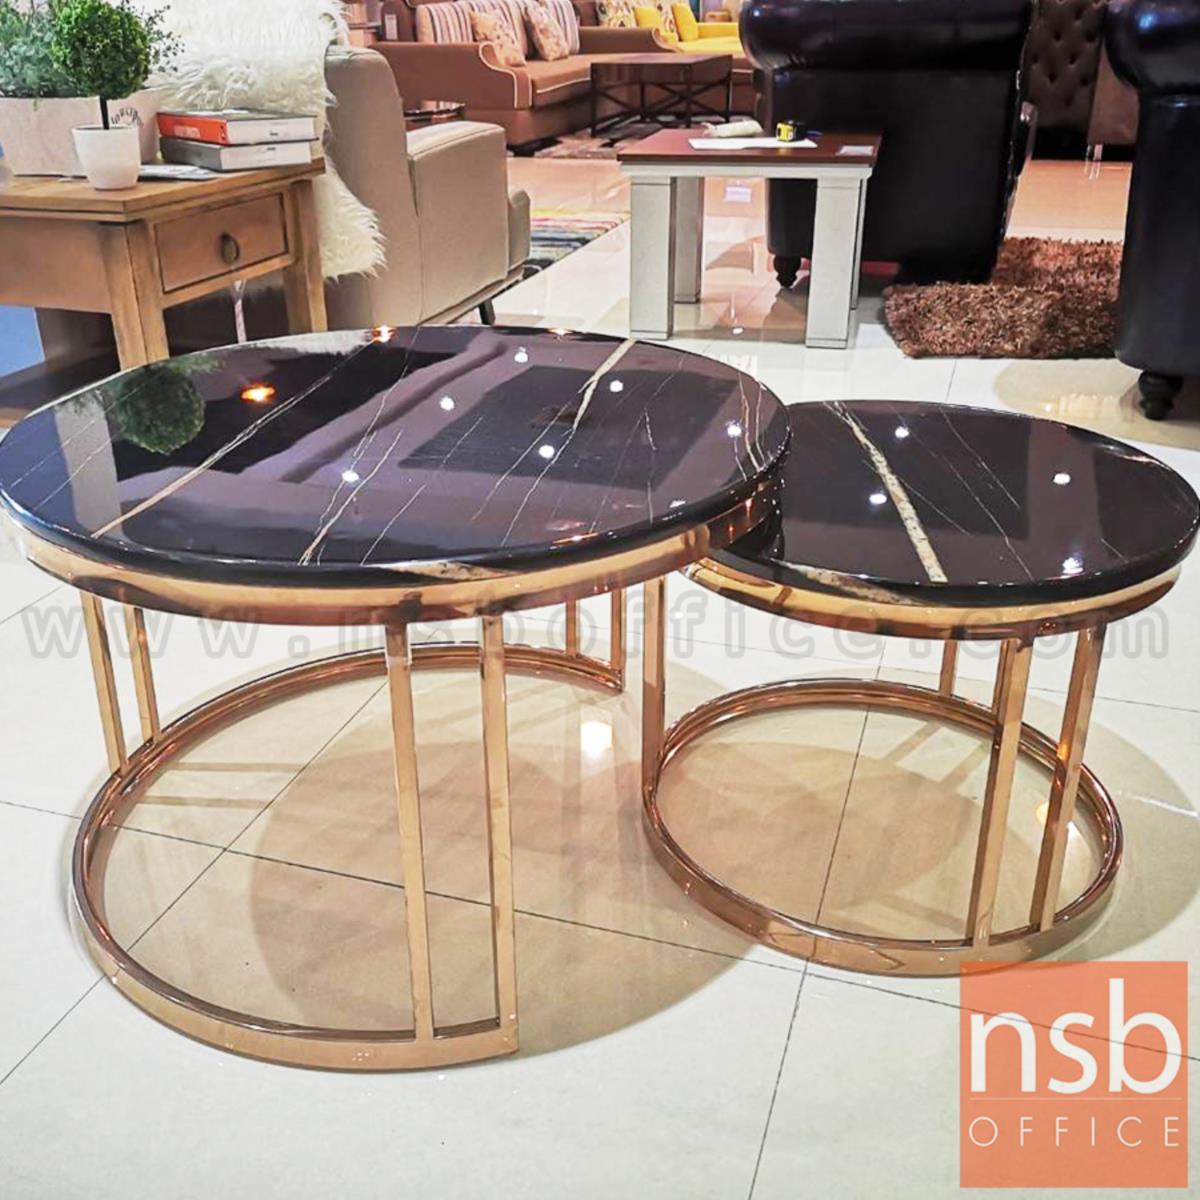 โต๊ะกลางหินอ่อน รุ่น Maltese (มอลทีส)  ขาสีพิ้งค์โกลด์